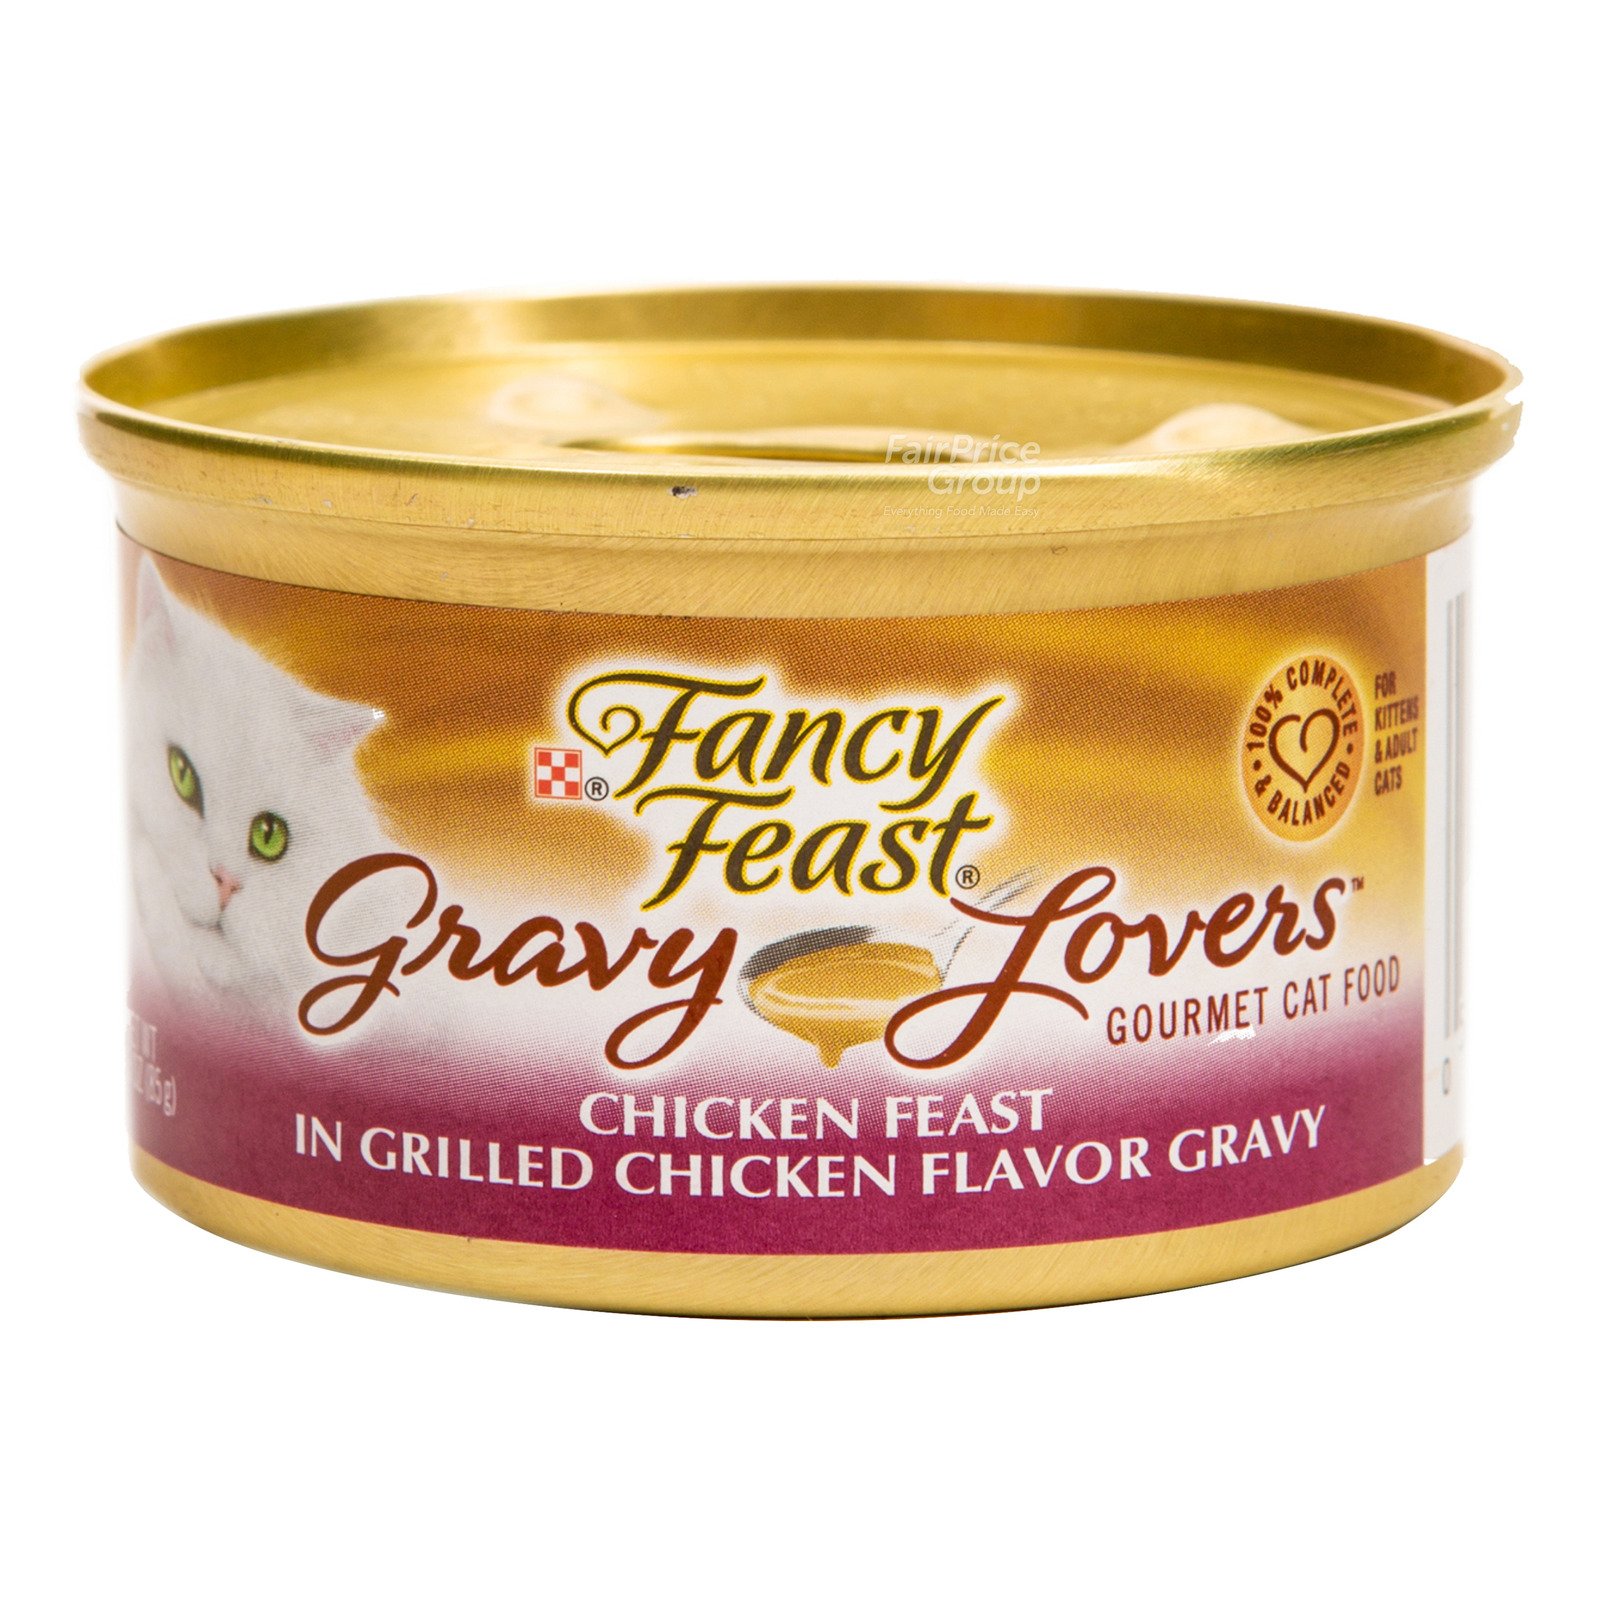 Fancy Feast Gravy Lovers Cat Food - Chicken